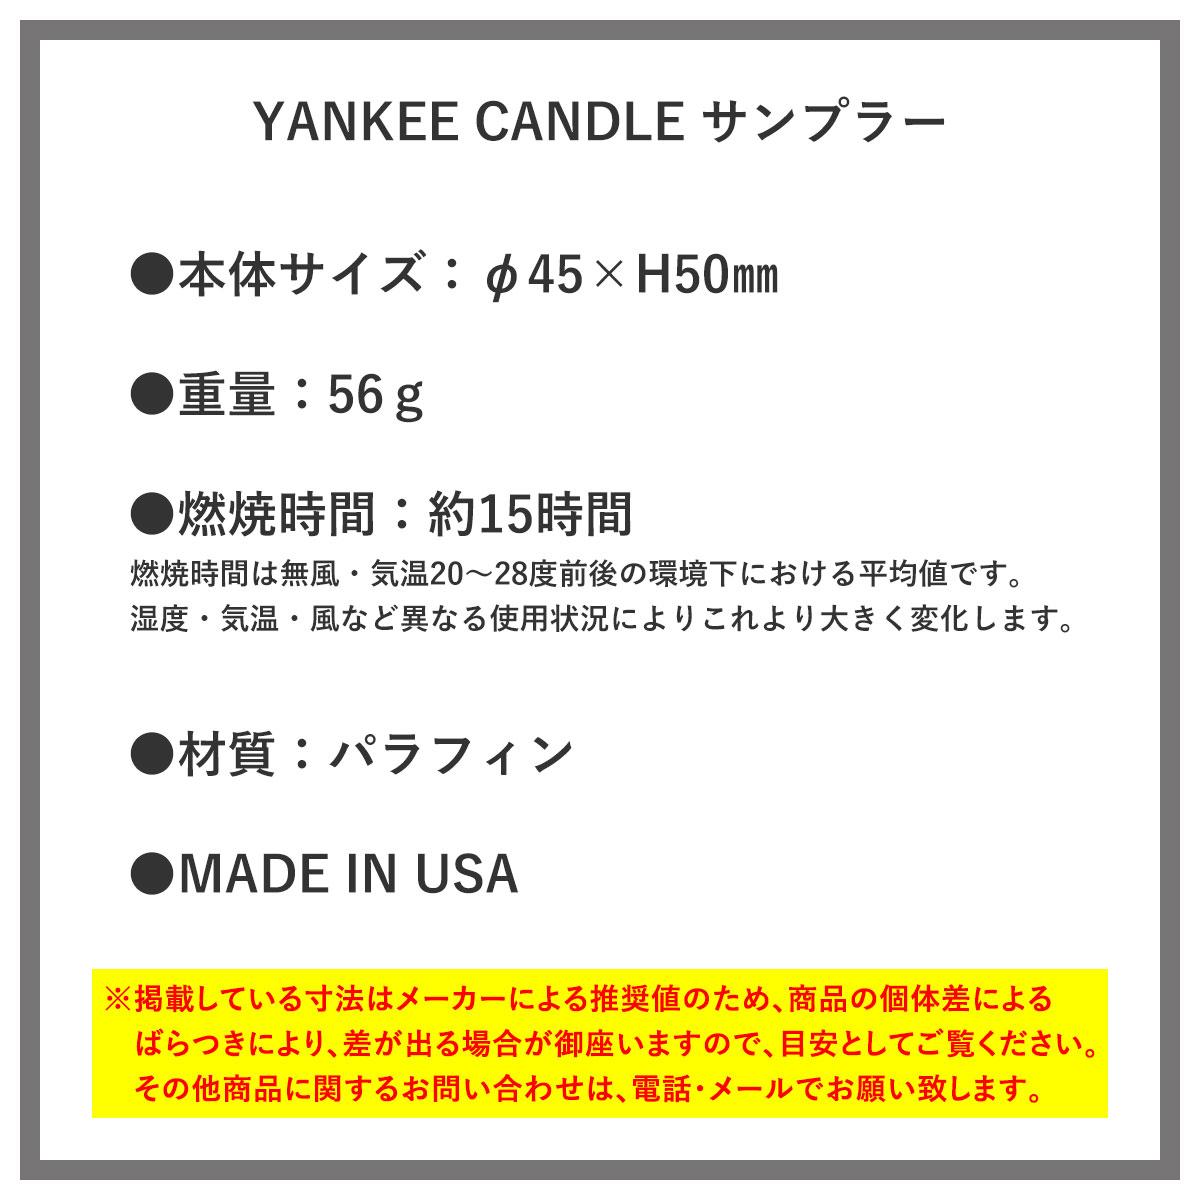 ヤンキーキャンドル YANKEE CANDLE 正規販売店 YCサンプラー タオル YK00105149 4901435876429 A49B B3C C9D D2E E00F